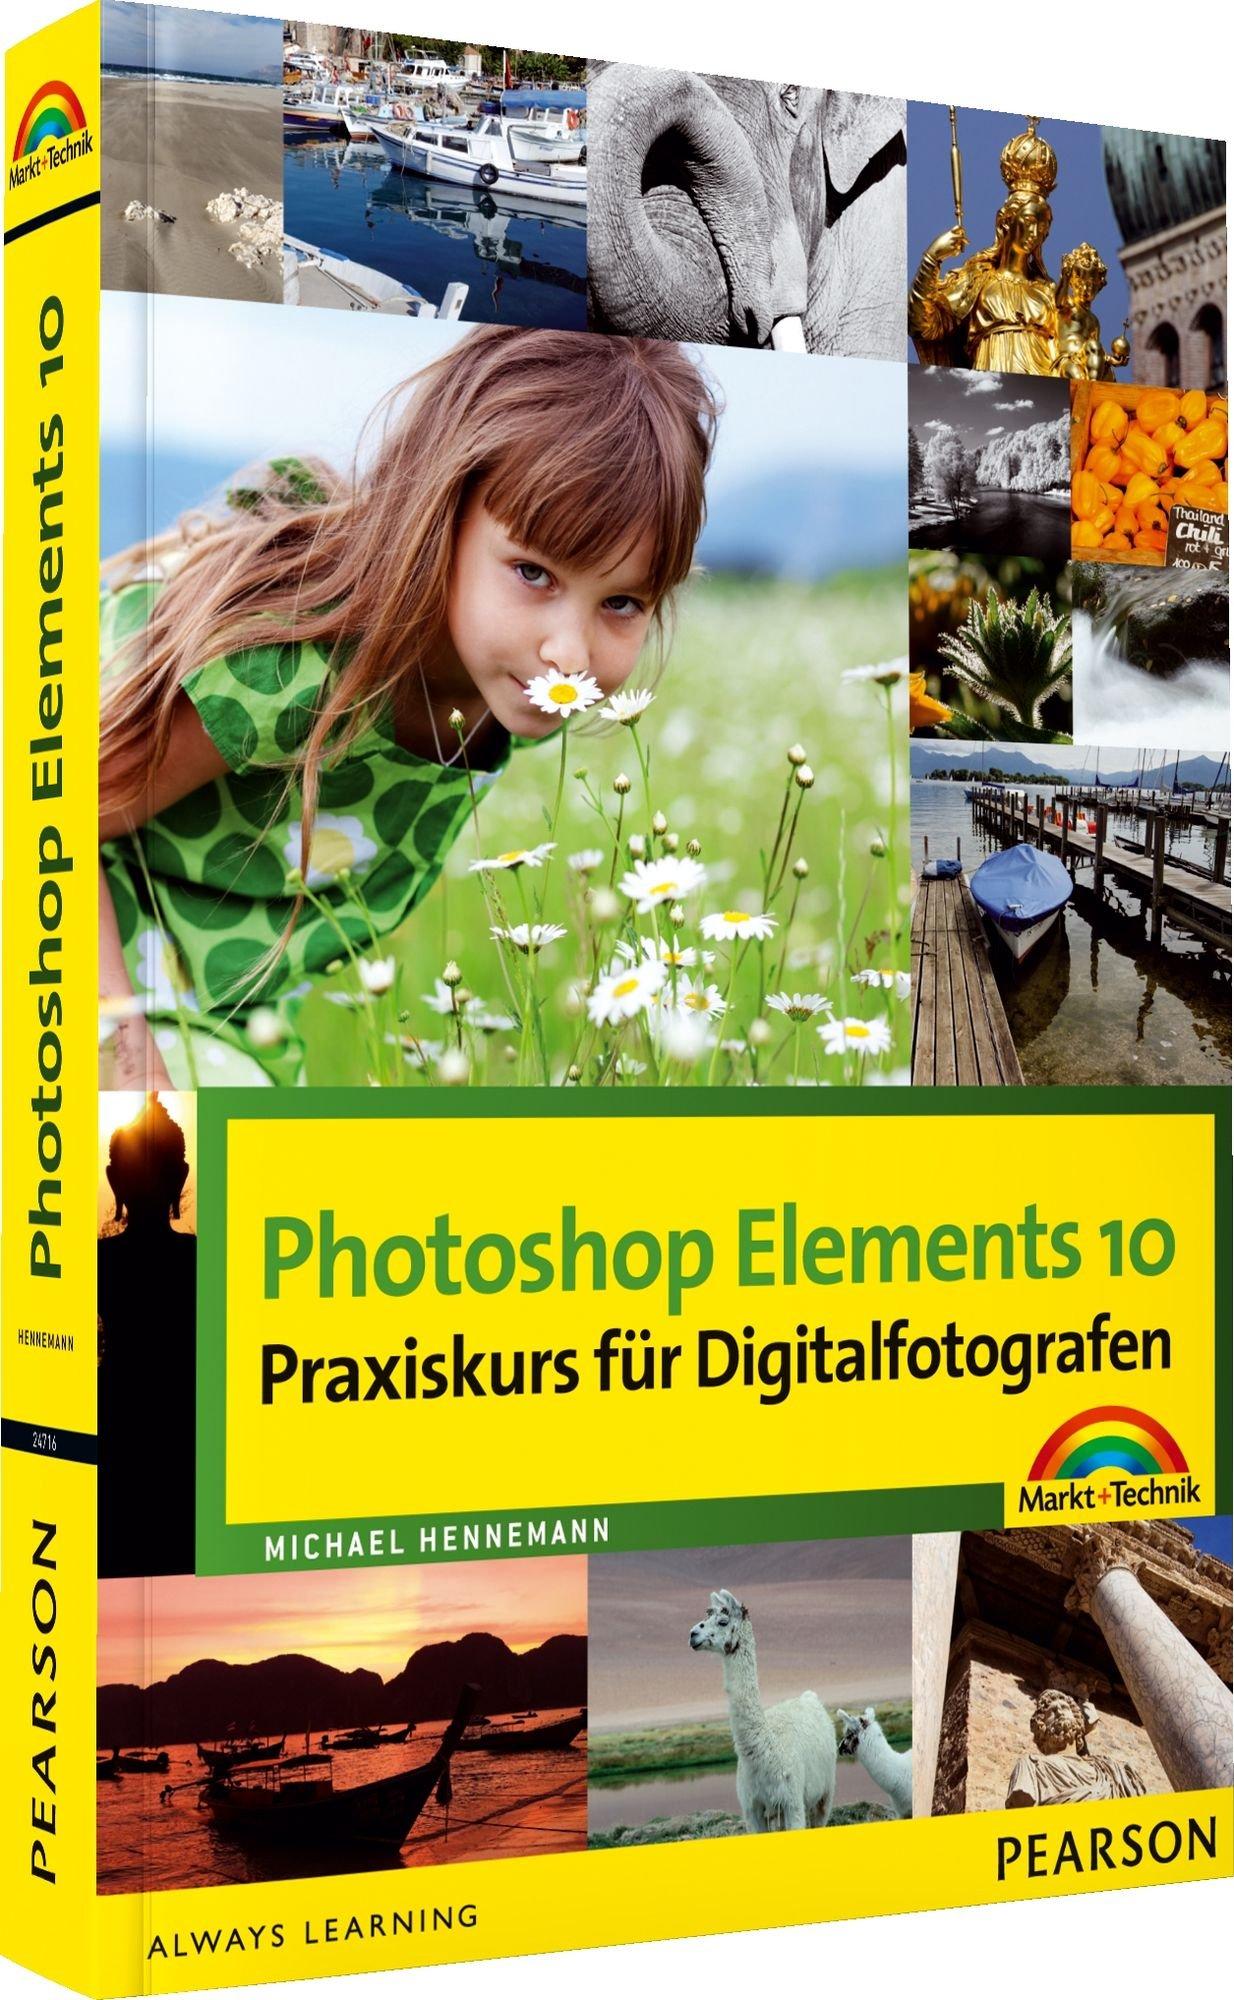 Photoshop Elements 10 - Praxiskurs für Digitalfotografen - Alle Bilder zum Download auf der Website zum Buch (Sonstige Bücher M+T)